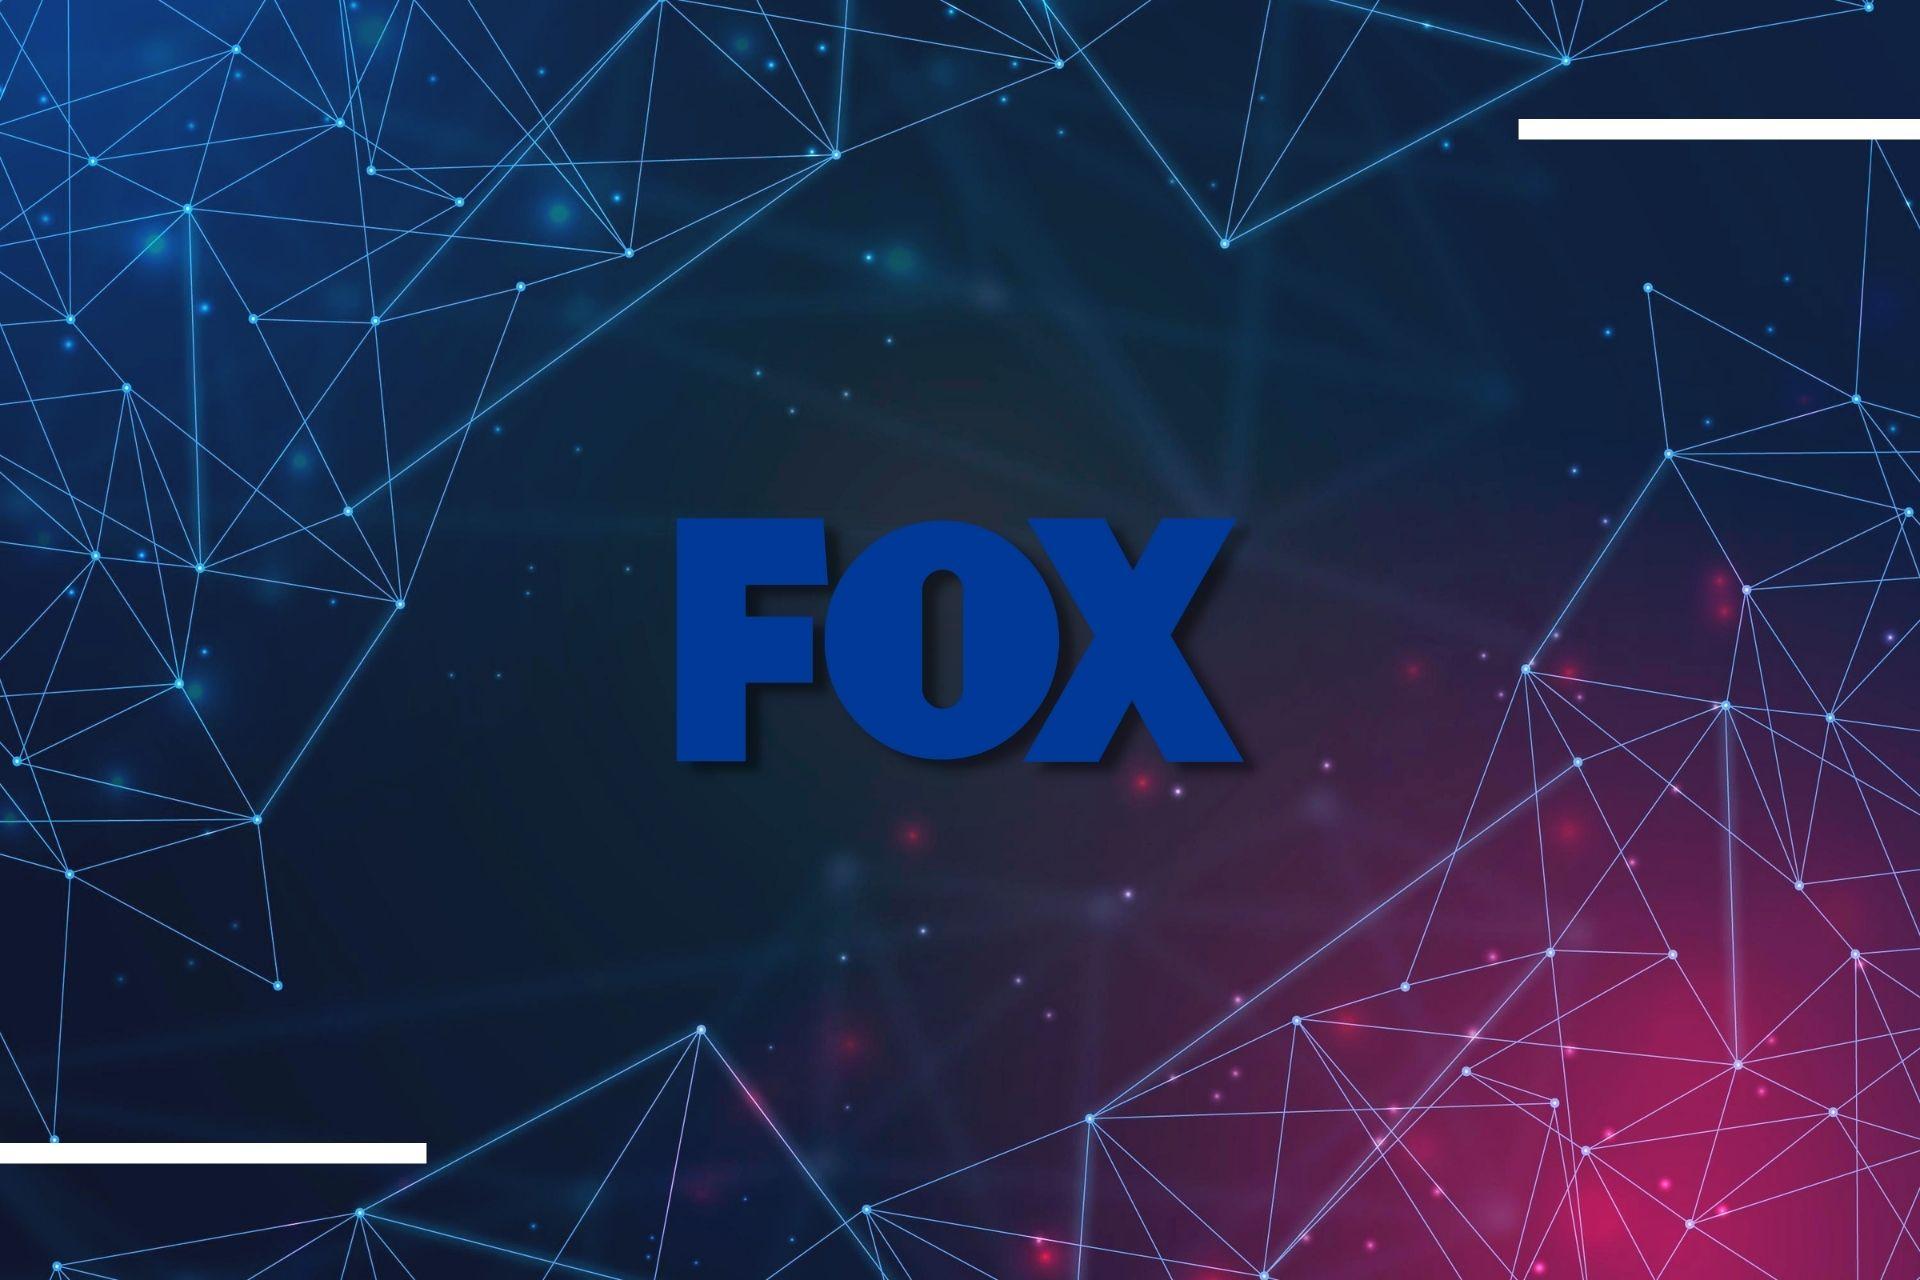 Gigante de los medios FOX avanza en su estrategia NFT al realizar una inversión en la plataforma blockchain Eluvio